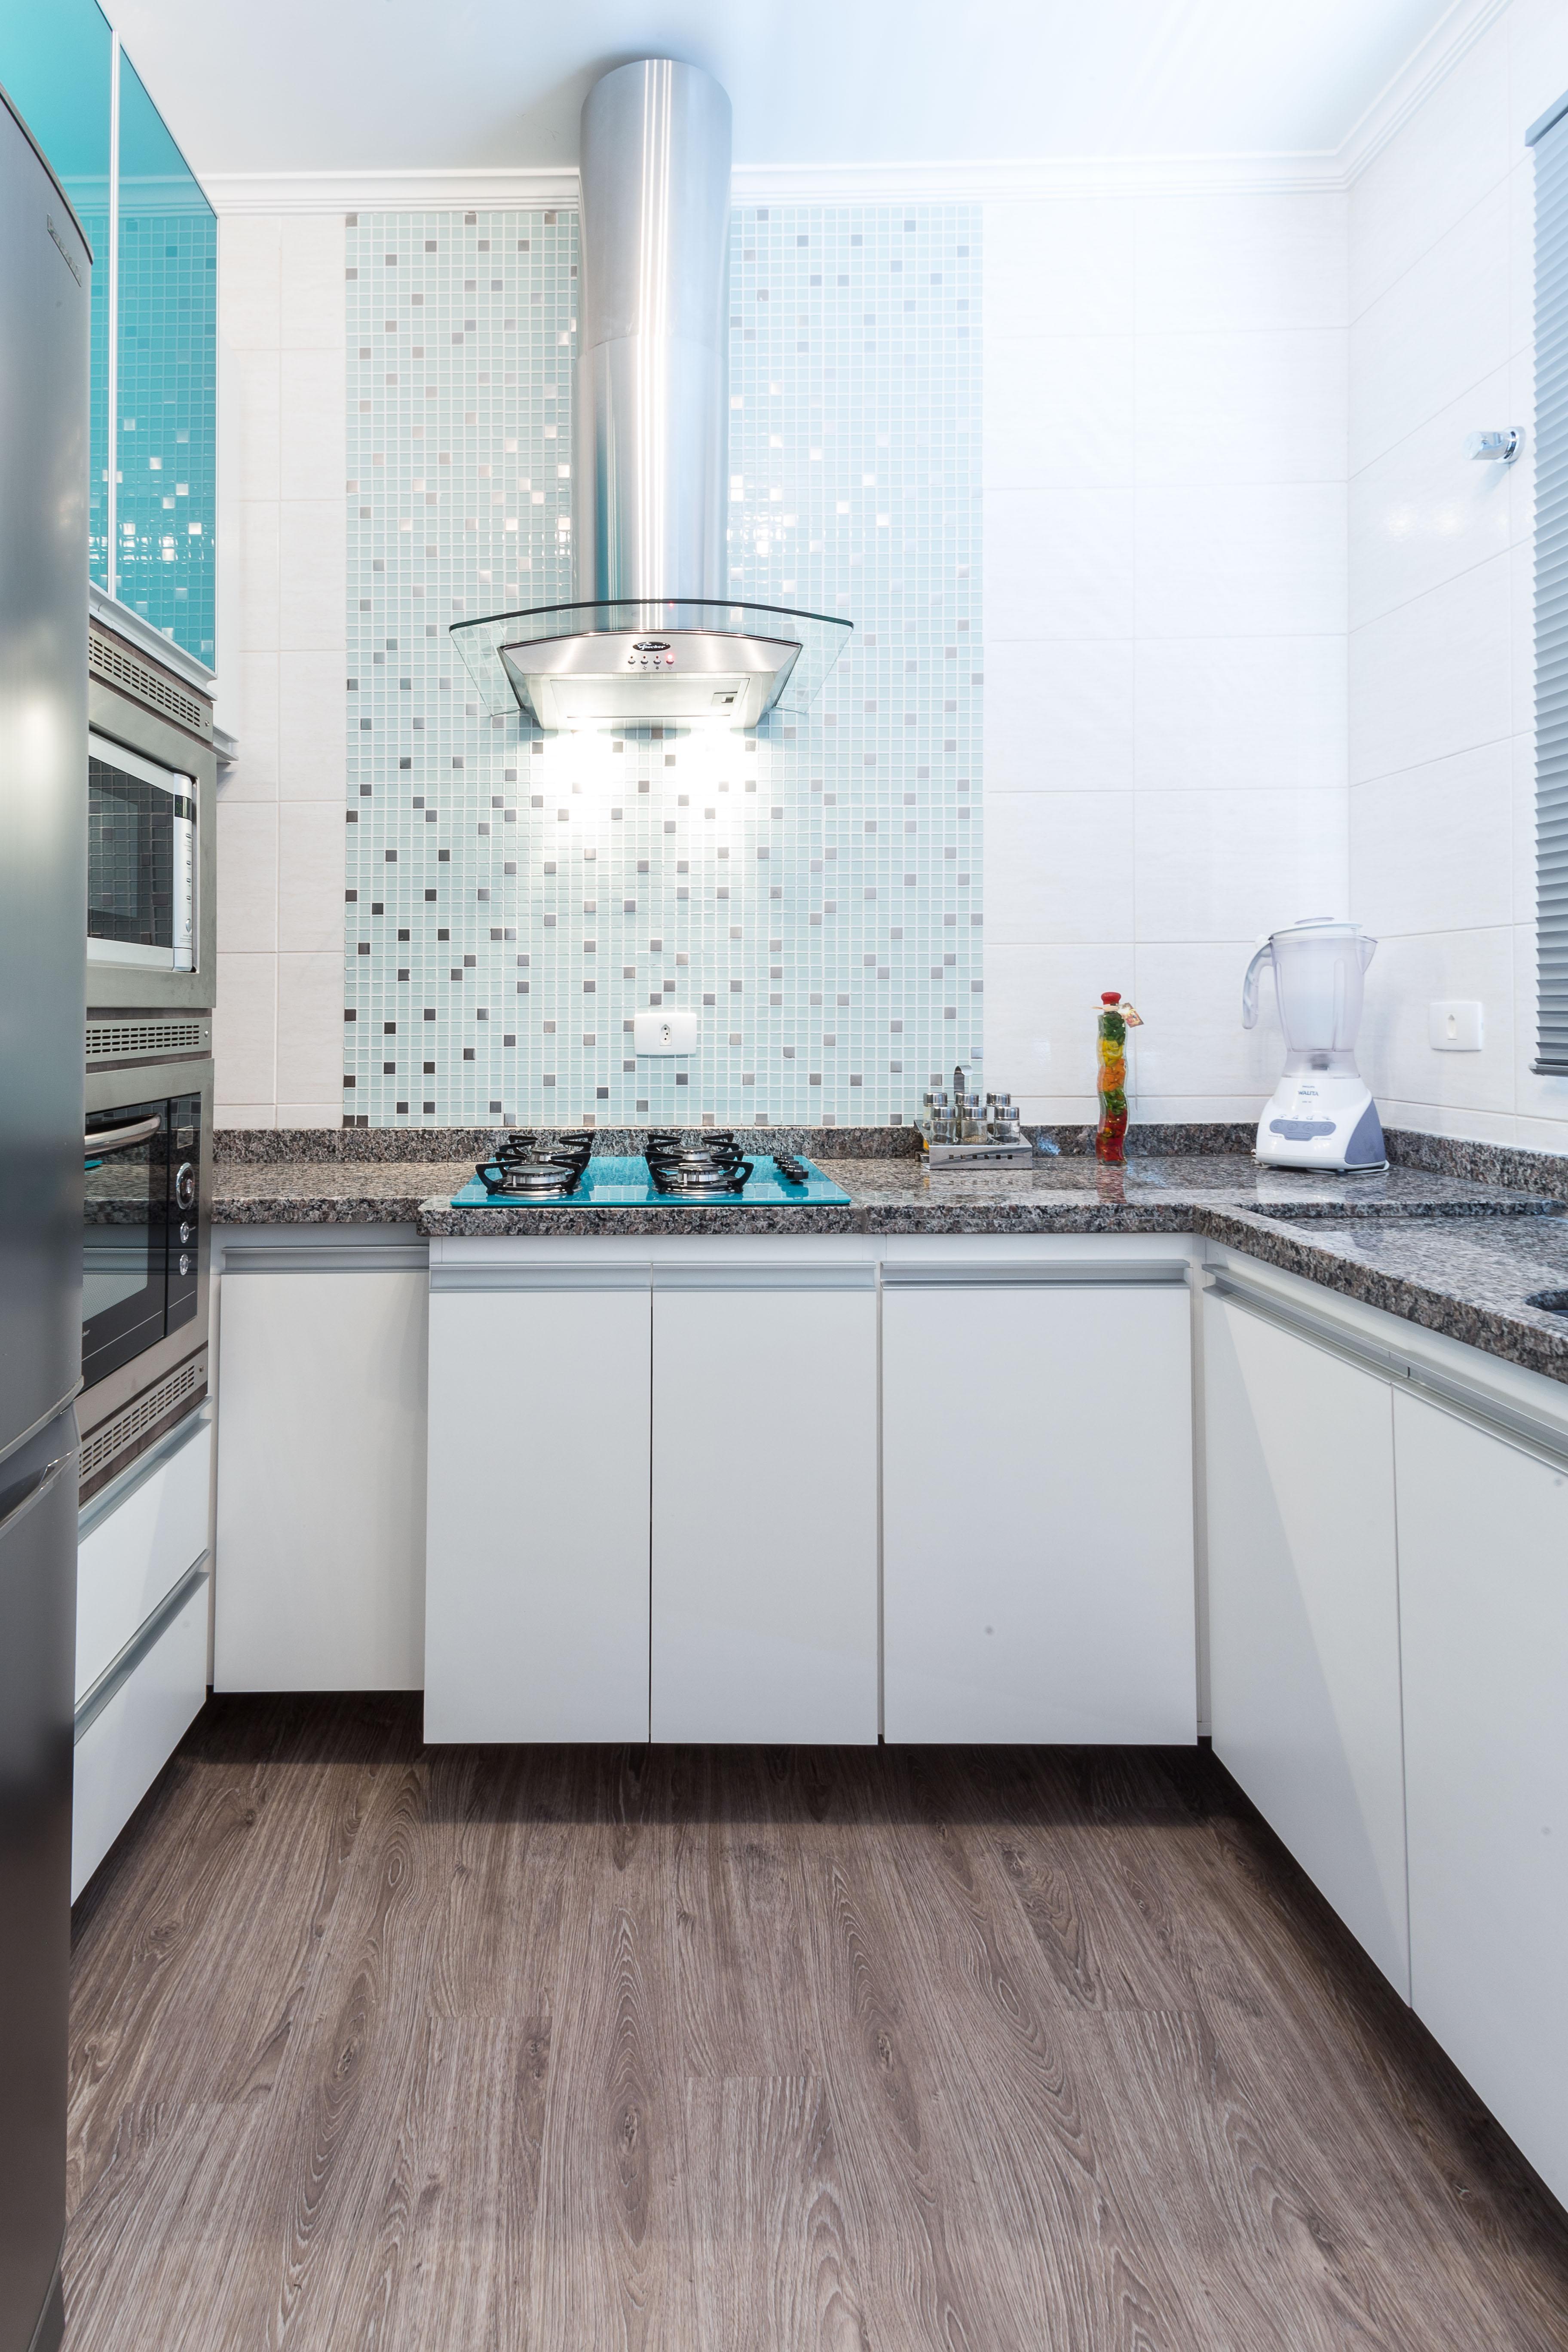 Cozinha sob medida em MDF branco com detalhes em azul #457C86 3648x5472